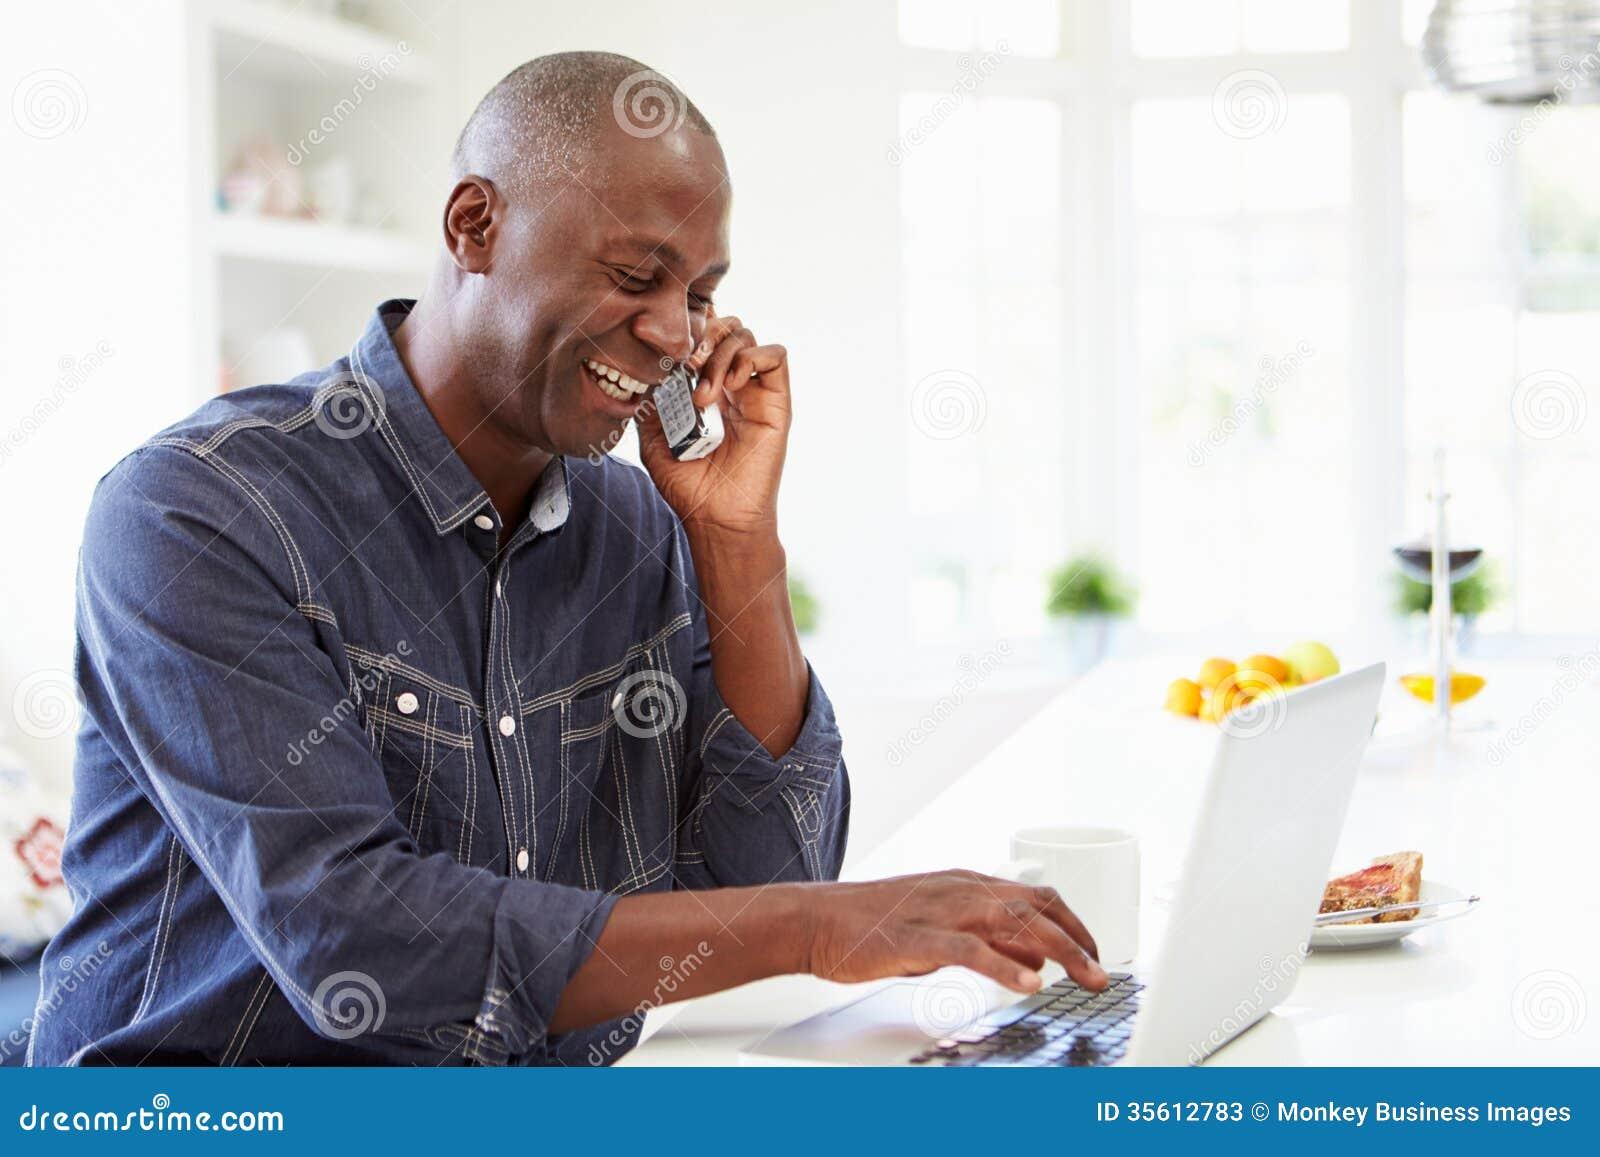 Άτομο χρησιμοποιώντας το lap-top και μιλώντας στο τηλέφωνο στην κουζίνα στο σπίτι